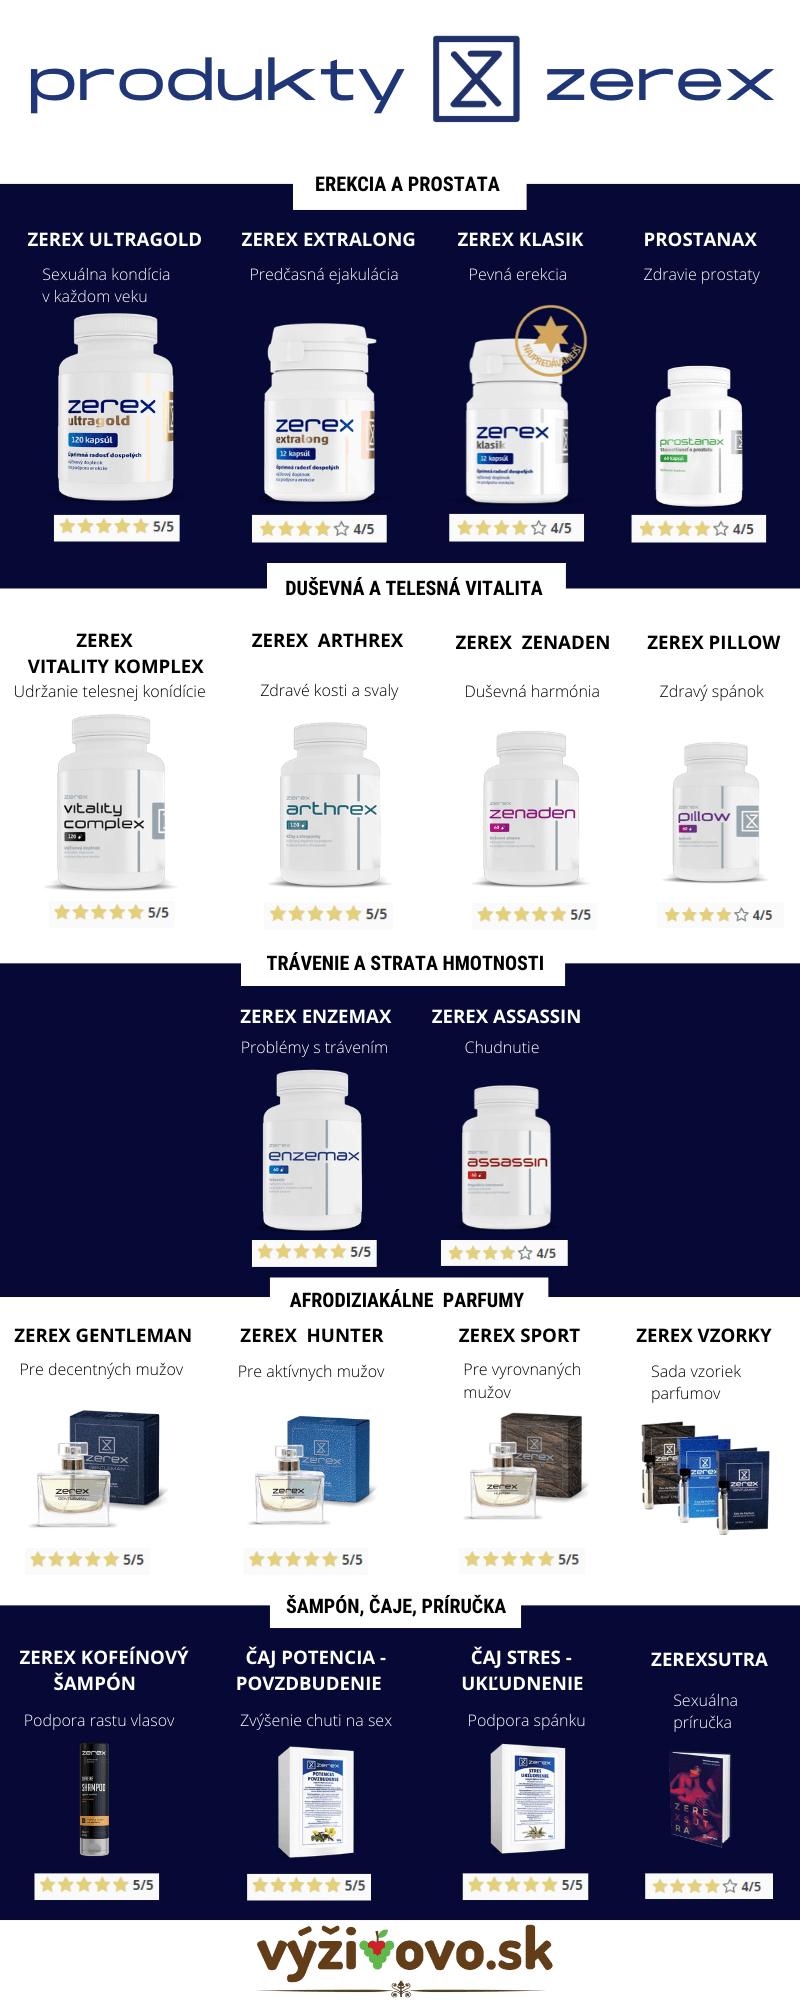 Infografika - zerex portfólio